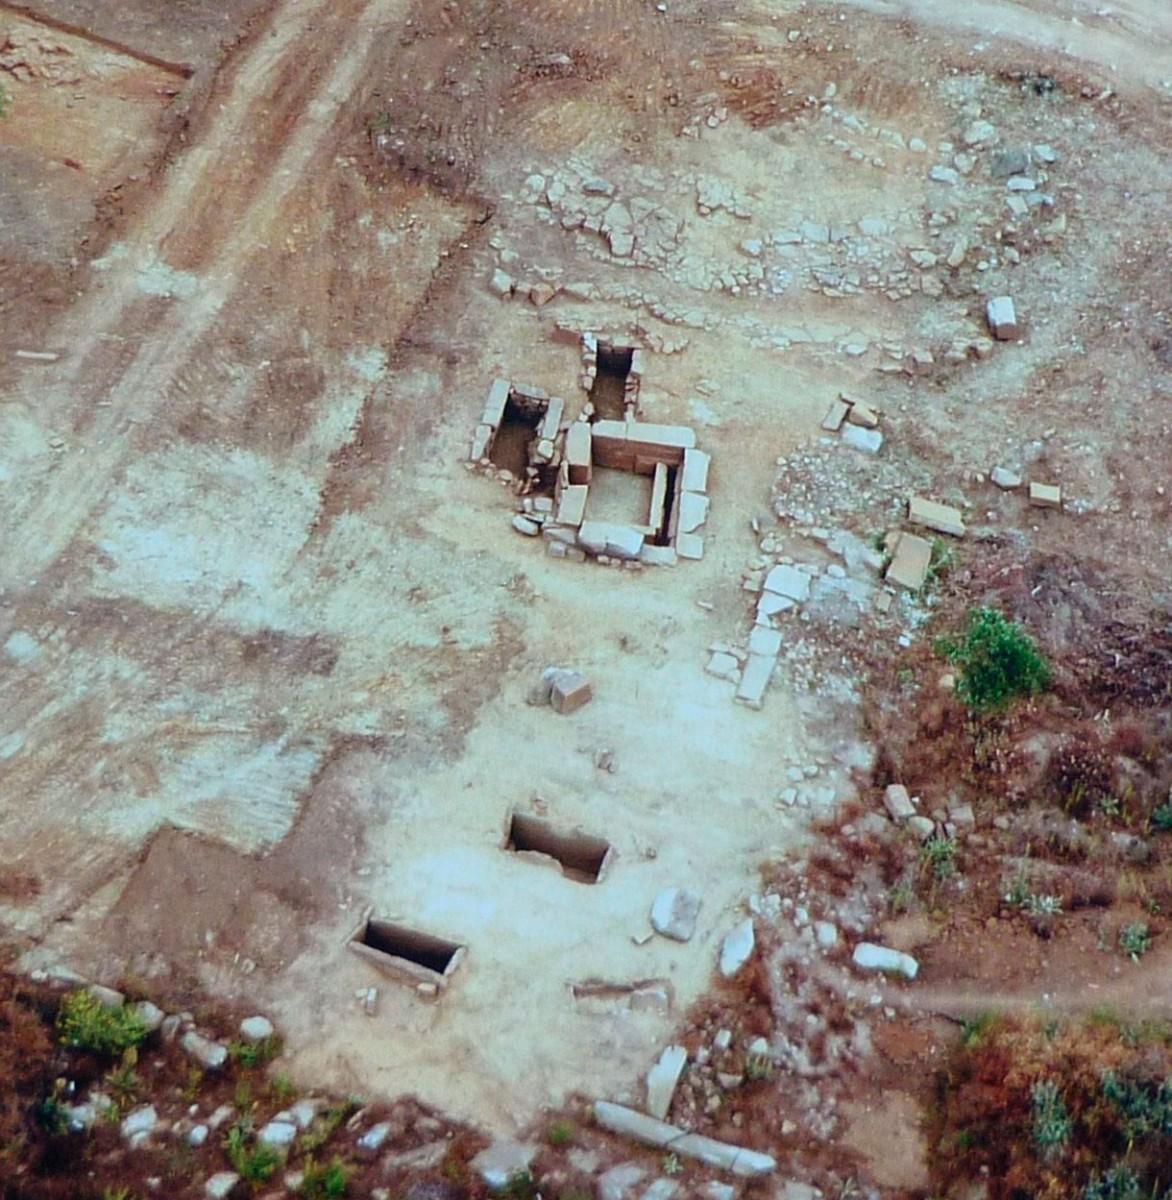 Εικ. 7. Άποψη τμήματος του νεκροταφείου στην περιοχή της Καλυδώνας.